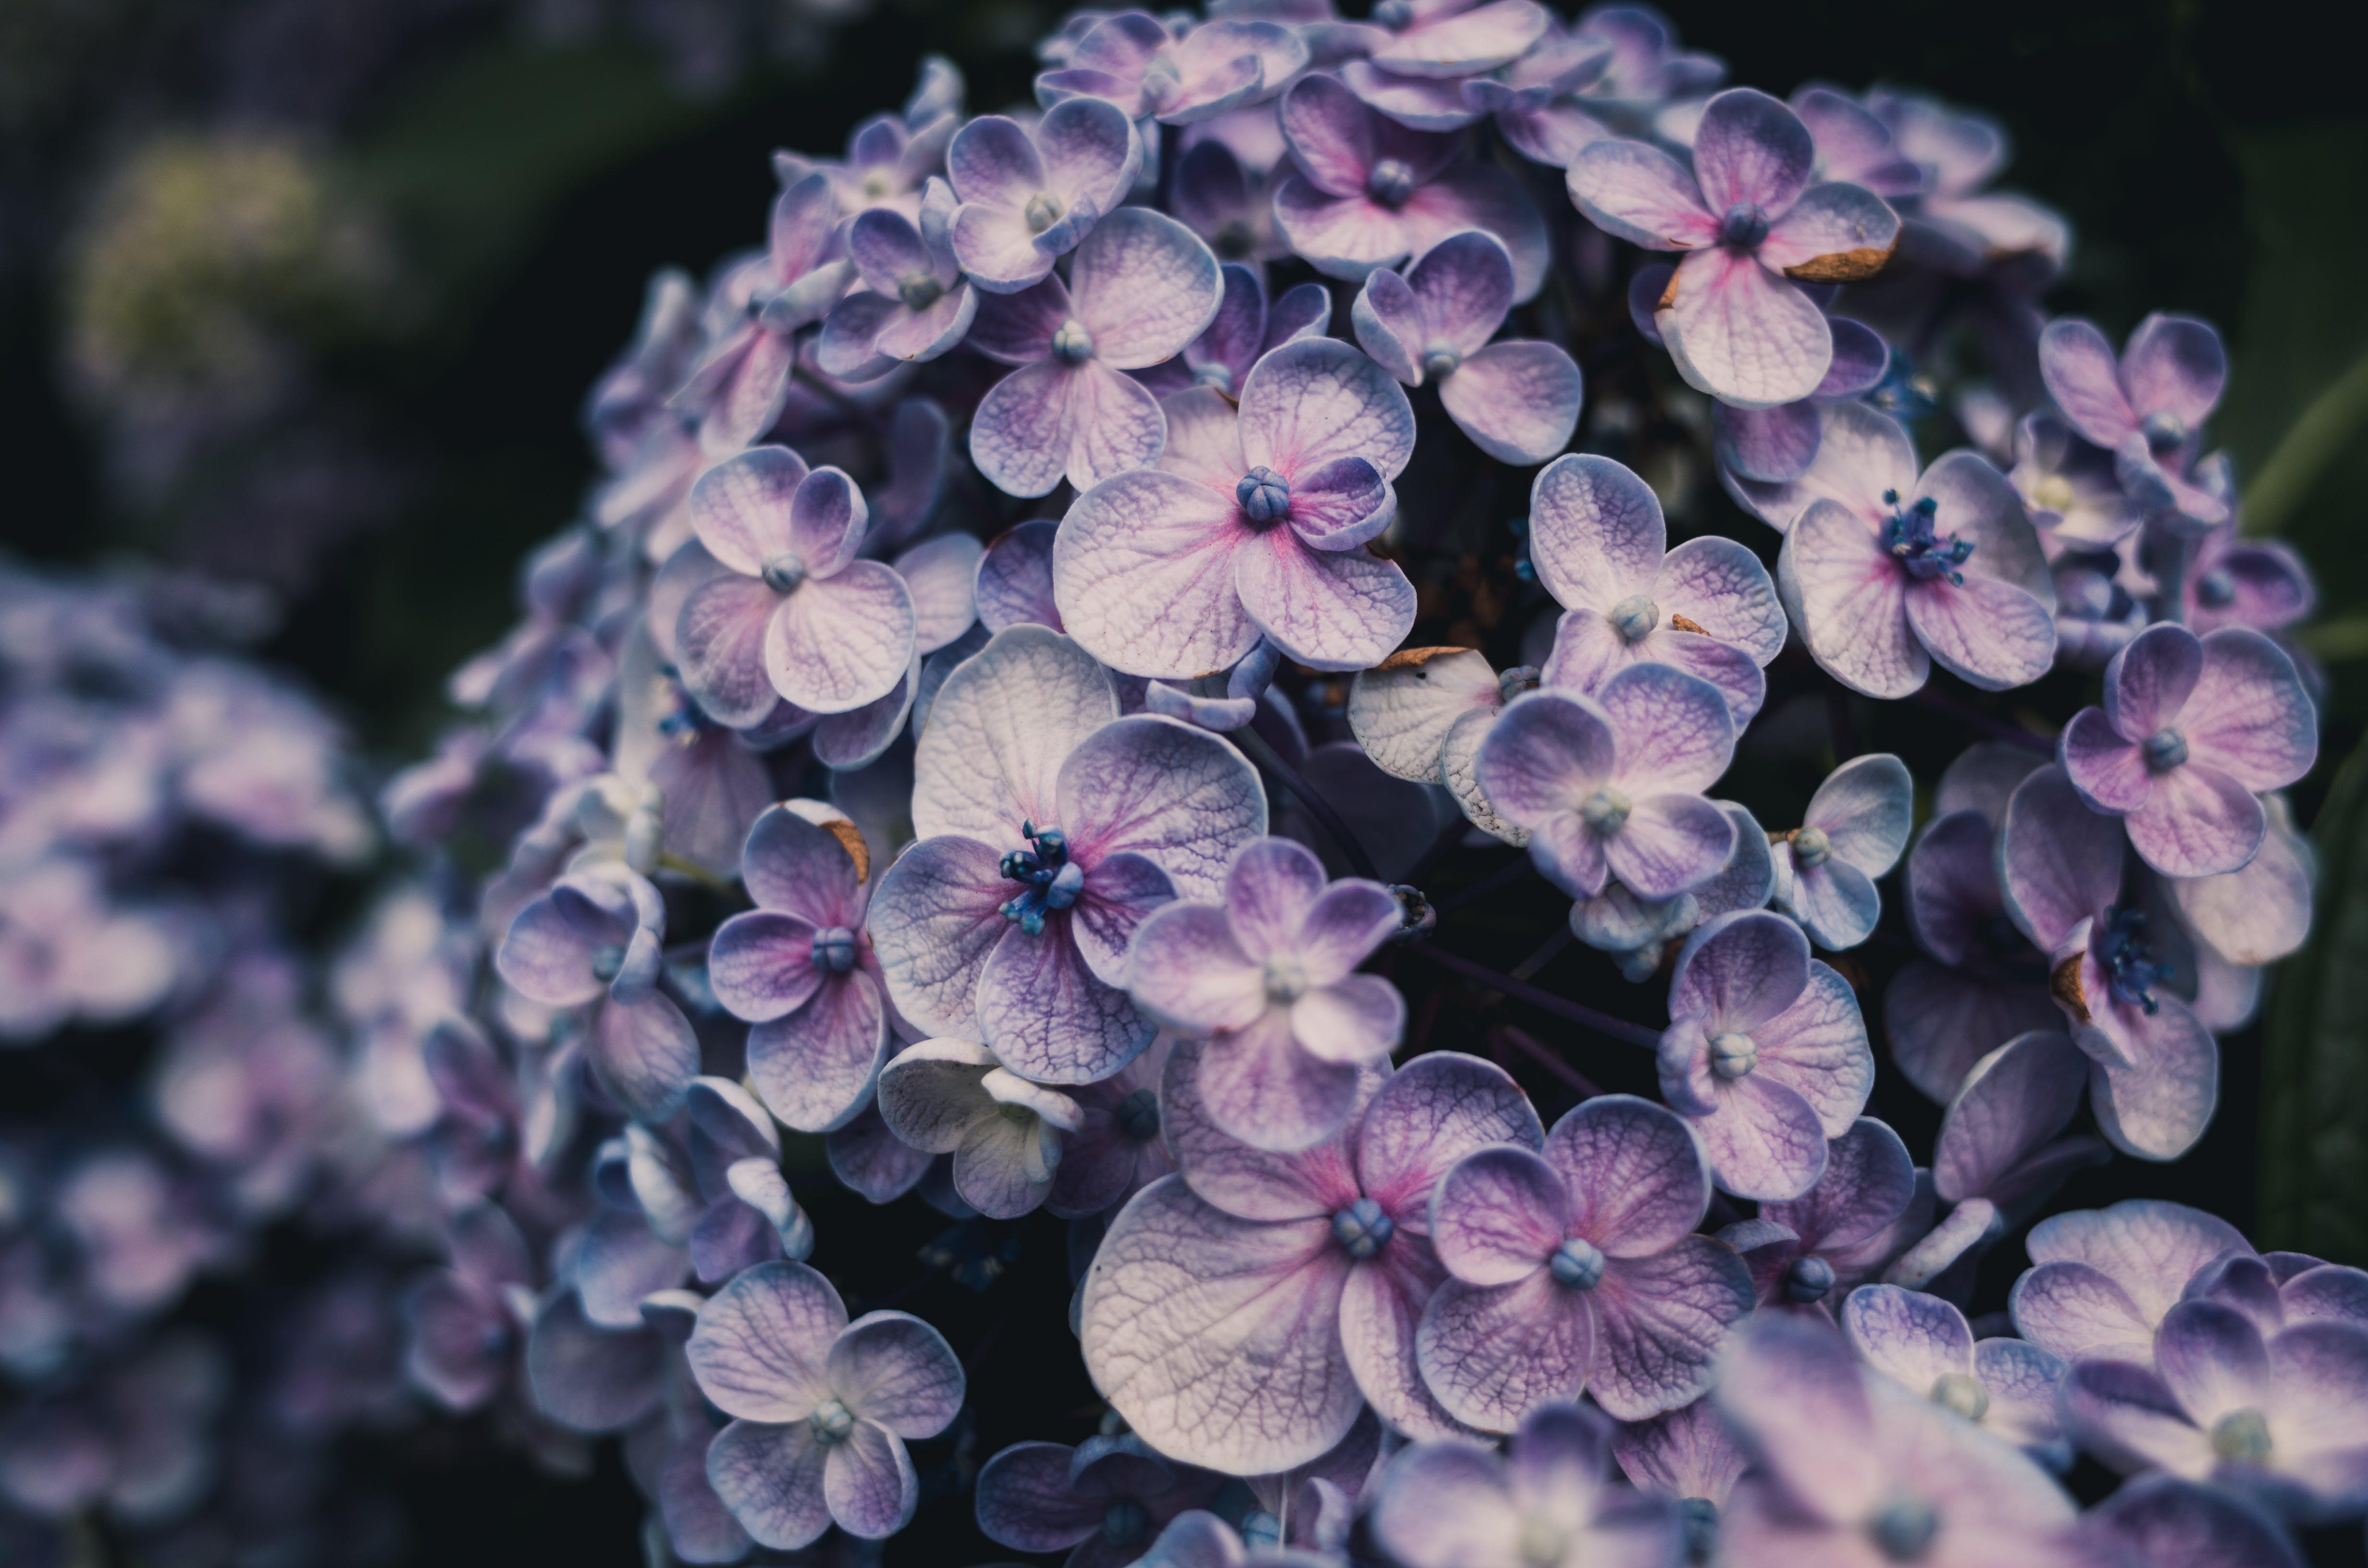 4k duvar kağıdı, alan derinliği, bitki örtüsü, bulanıklık içeren Ücretsiz stok fotoğraf